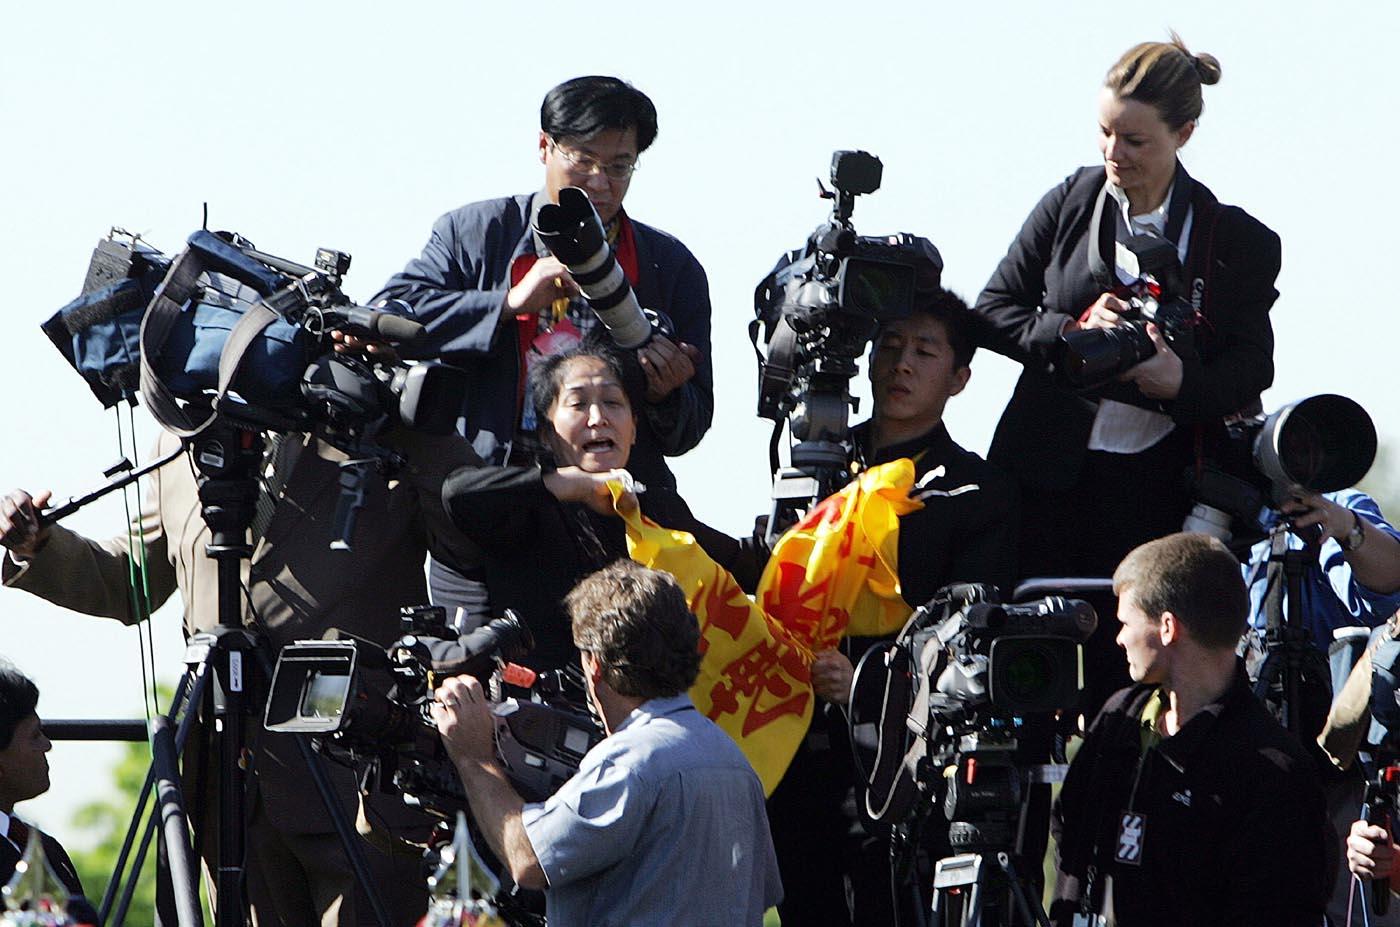 2006年4月20日,王文怡在白宮布什總統歡迎胡錦濤儀式上吶喊。